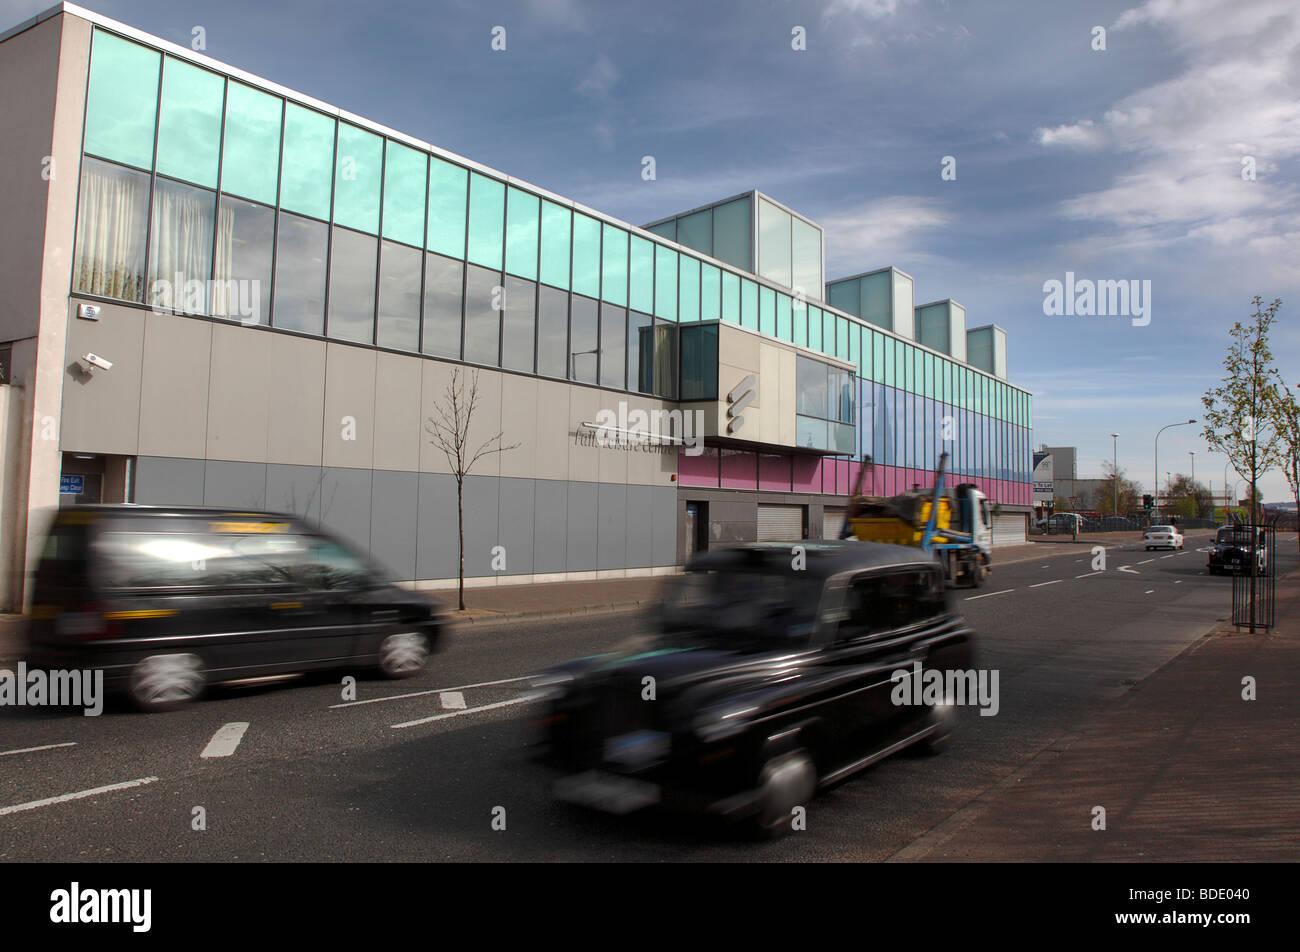 Irlanda del Norte, Belfast, West Falls Road, el exterior de la reformada cae Piscinas con taxis negros que pasan Imagen De Stock